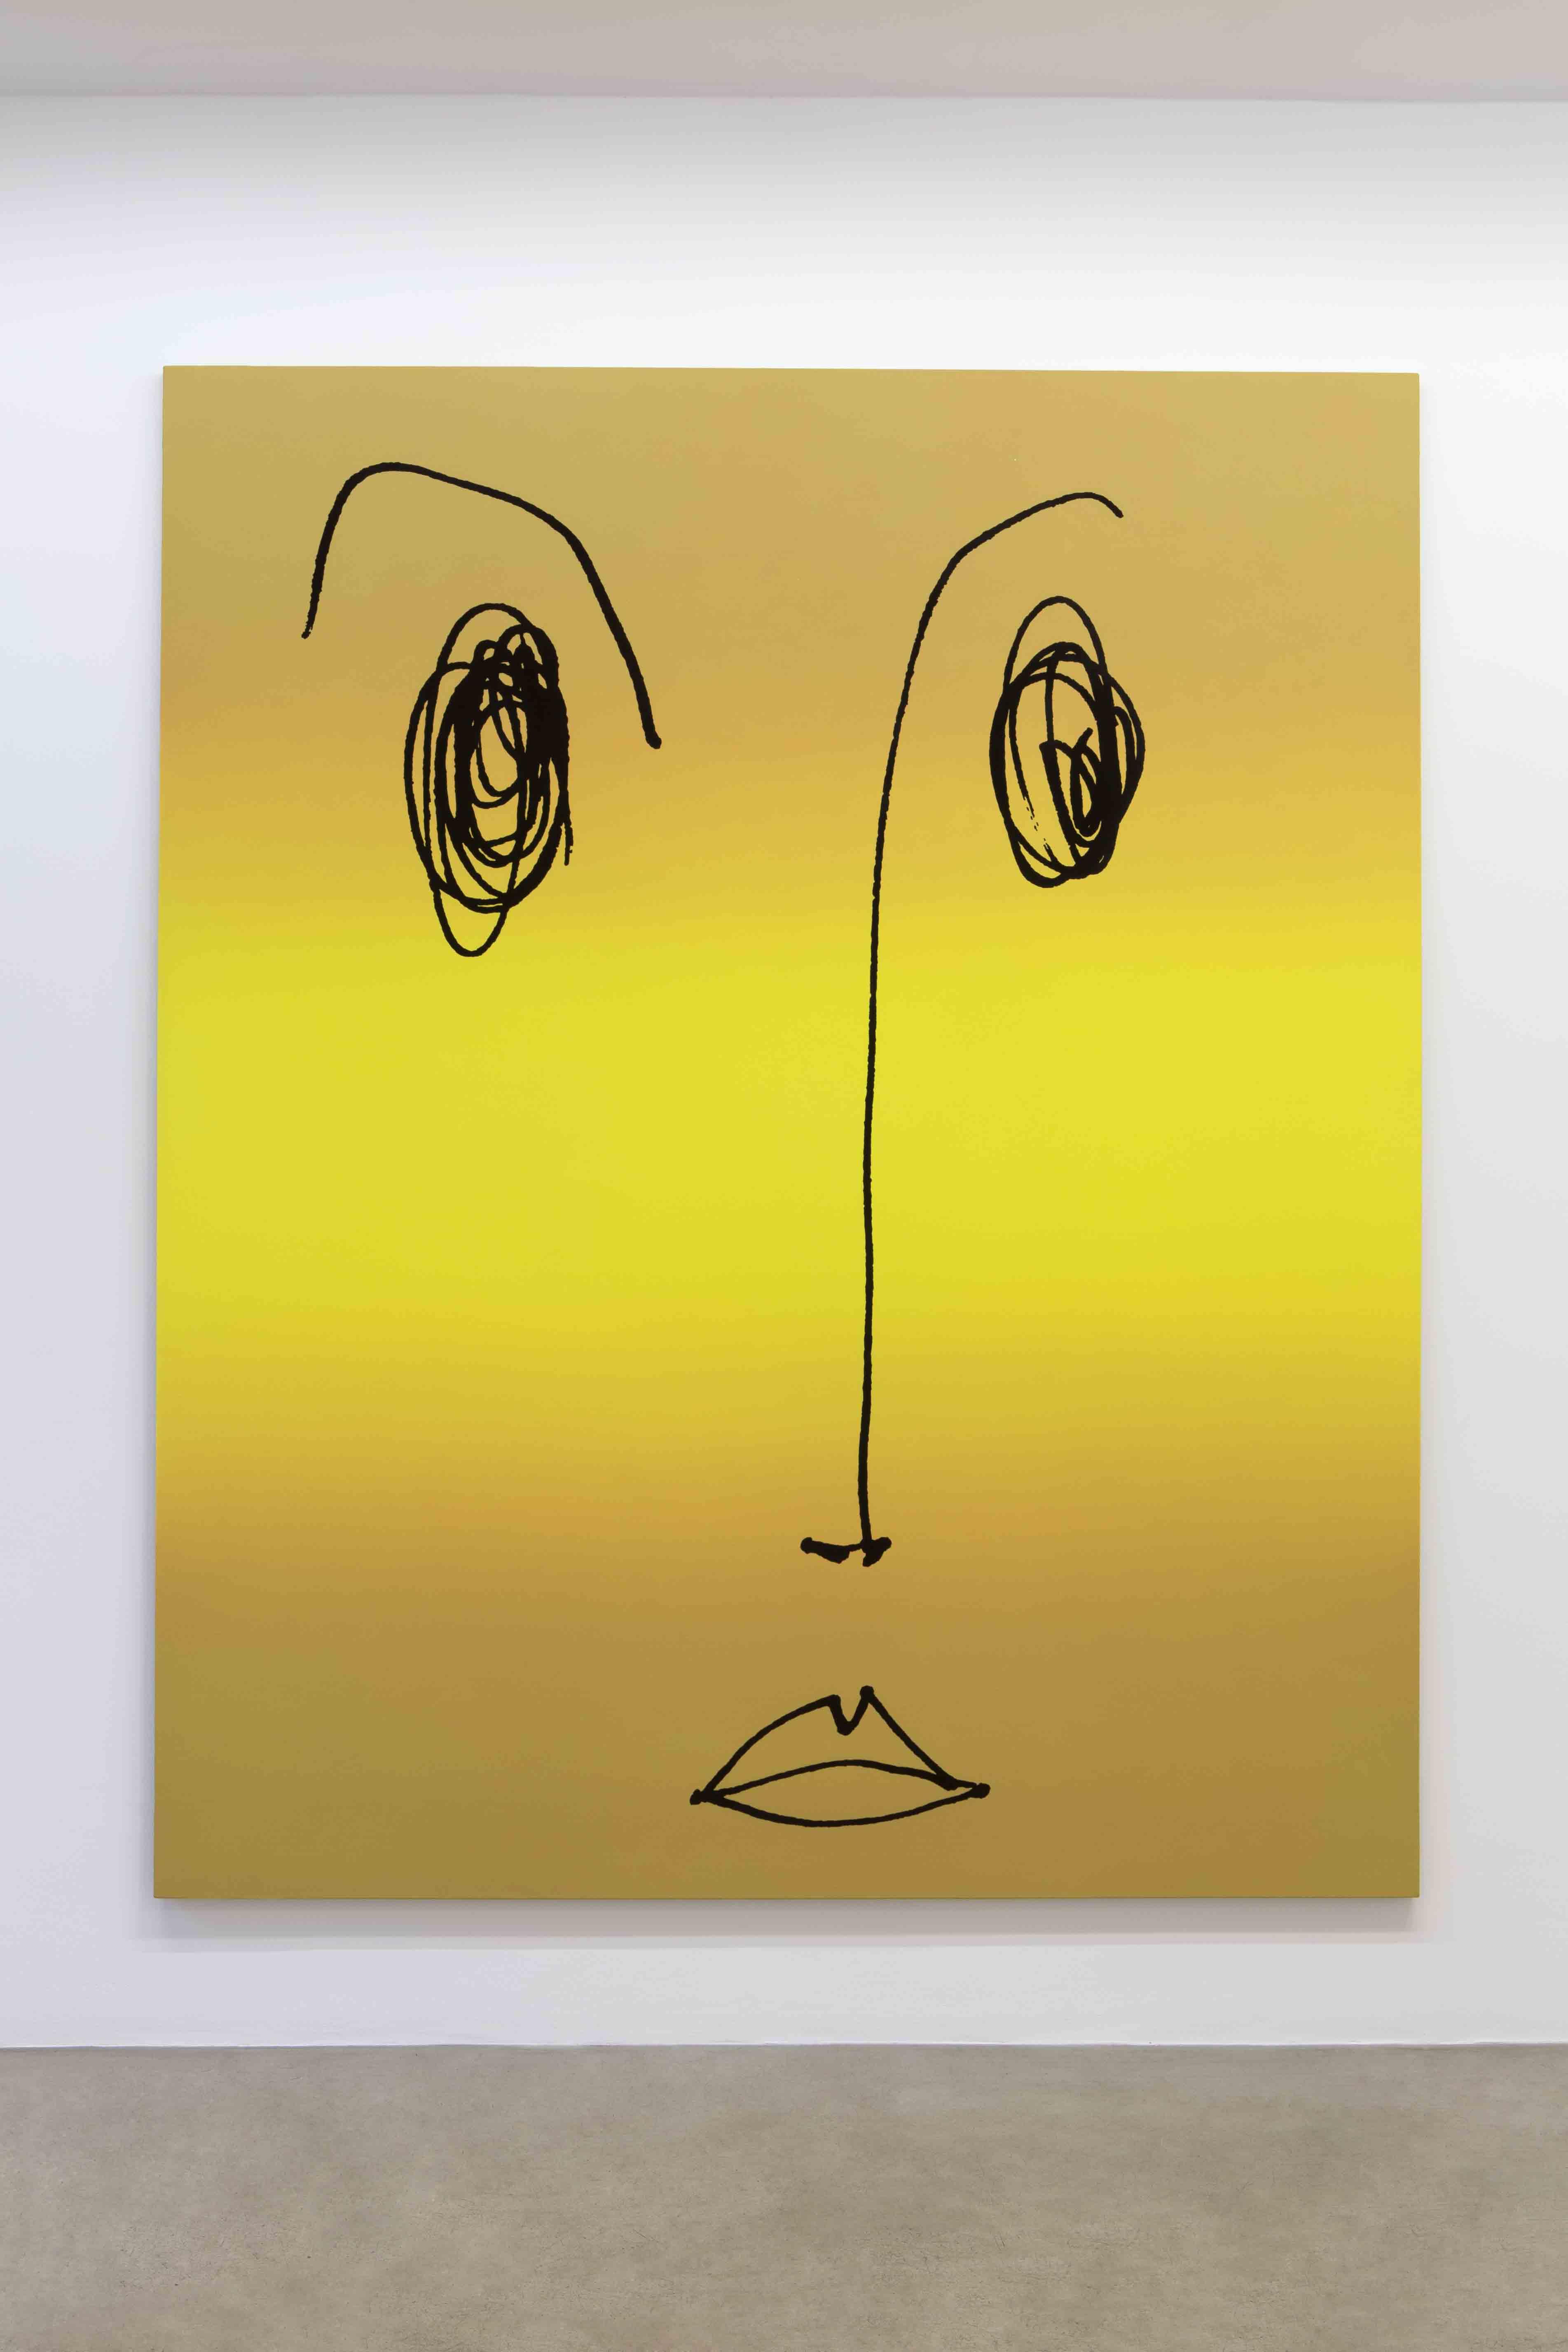 """""""Mary"""" (2012) de Rob Pruitt. Acrylique, émail et flocage sur toile, 274,5 x 226,5 x 3,5 cm. Acrylic, enamel paint and flocking on canvas. Donation : Jean-Lou et/and Sophie Tepper © Rob Pruitt Courtesy of the artist"""